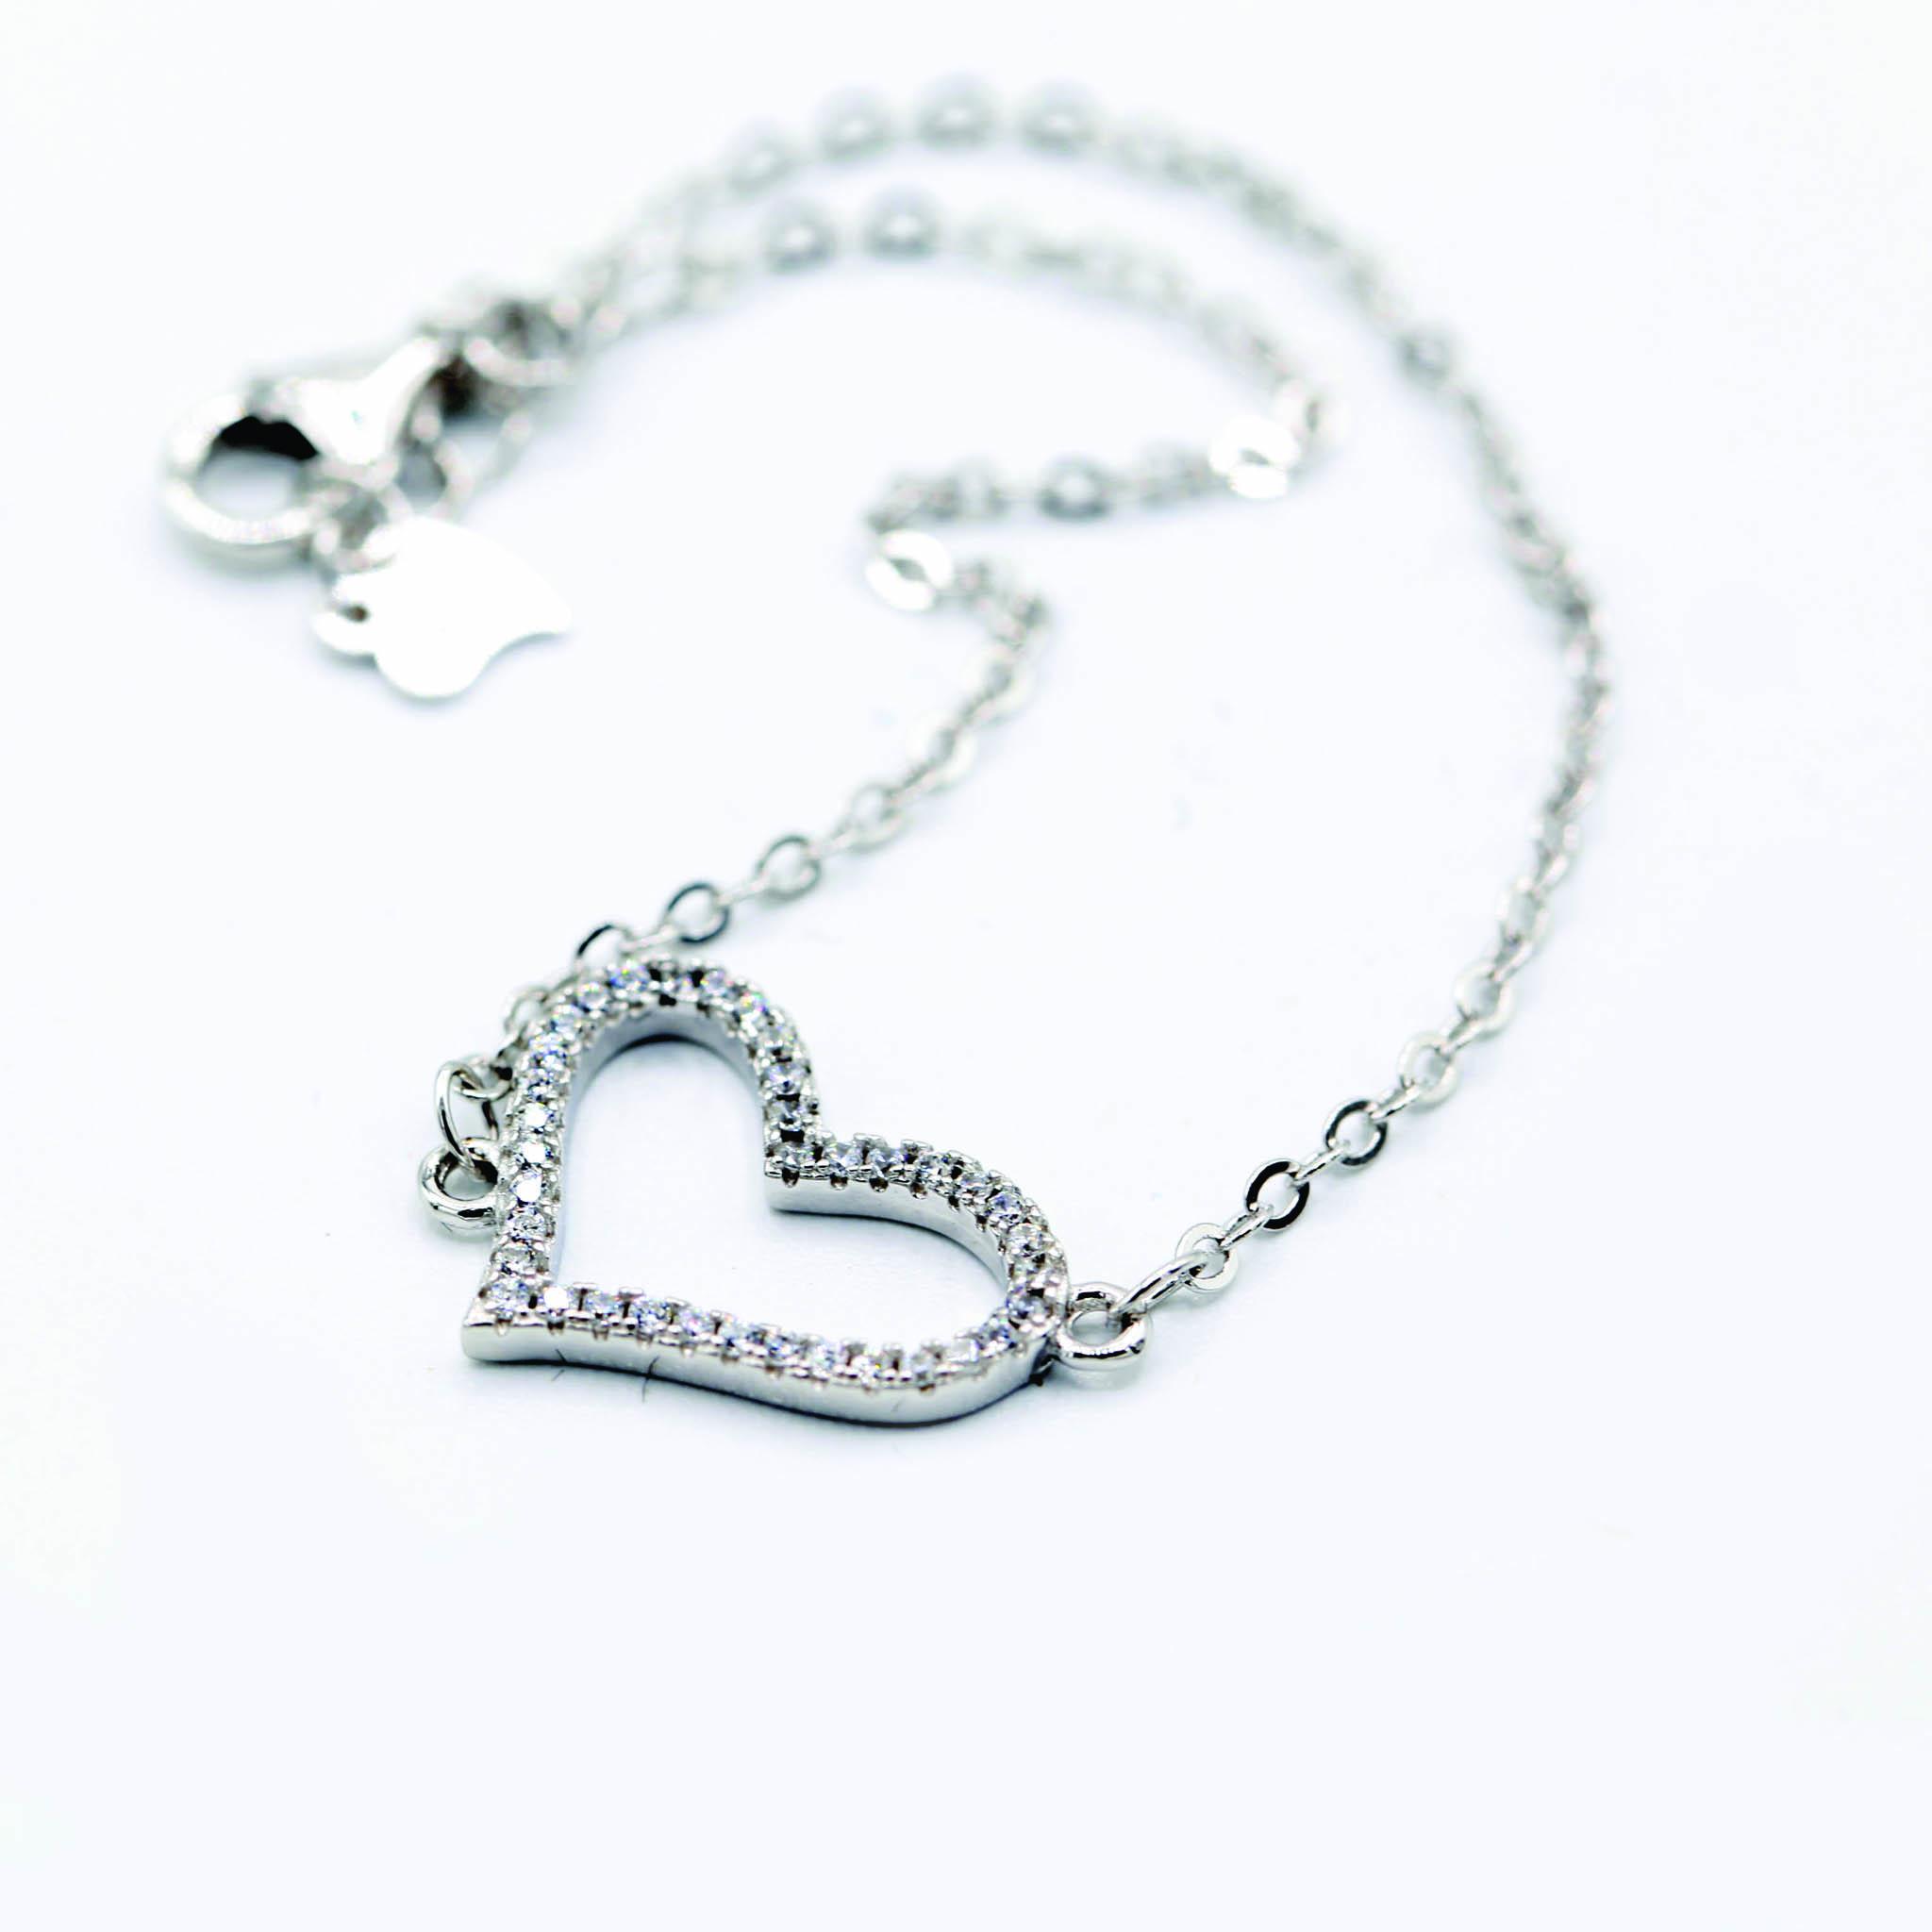 Swarovski crystal bracelet, W